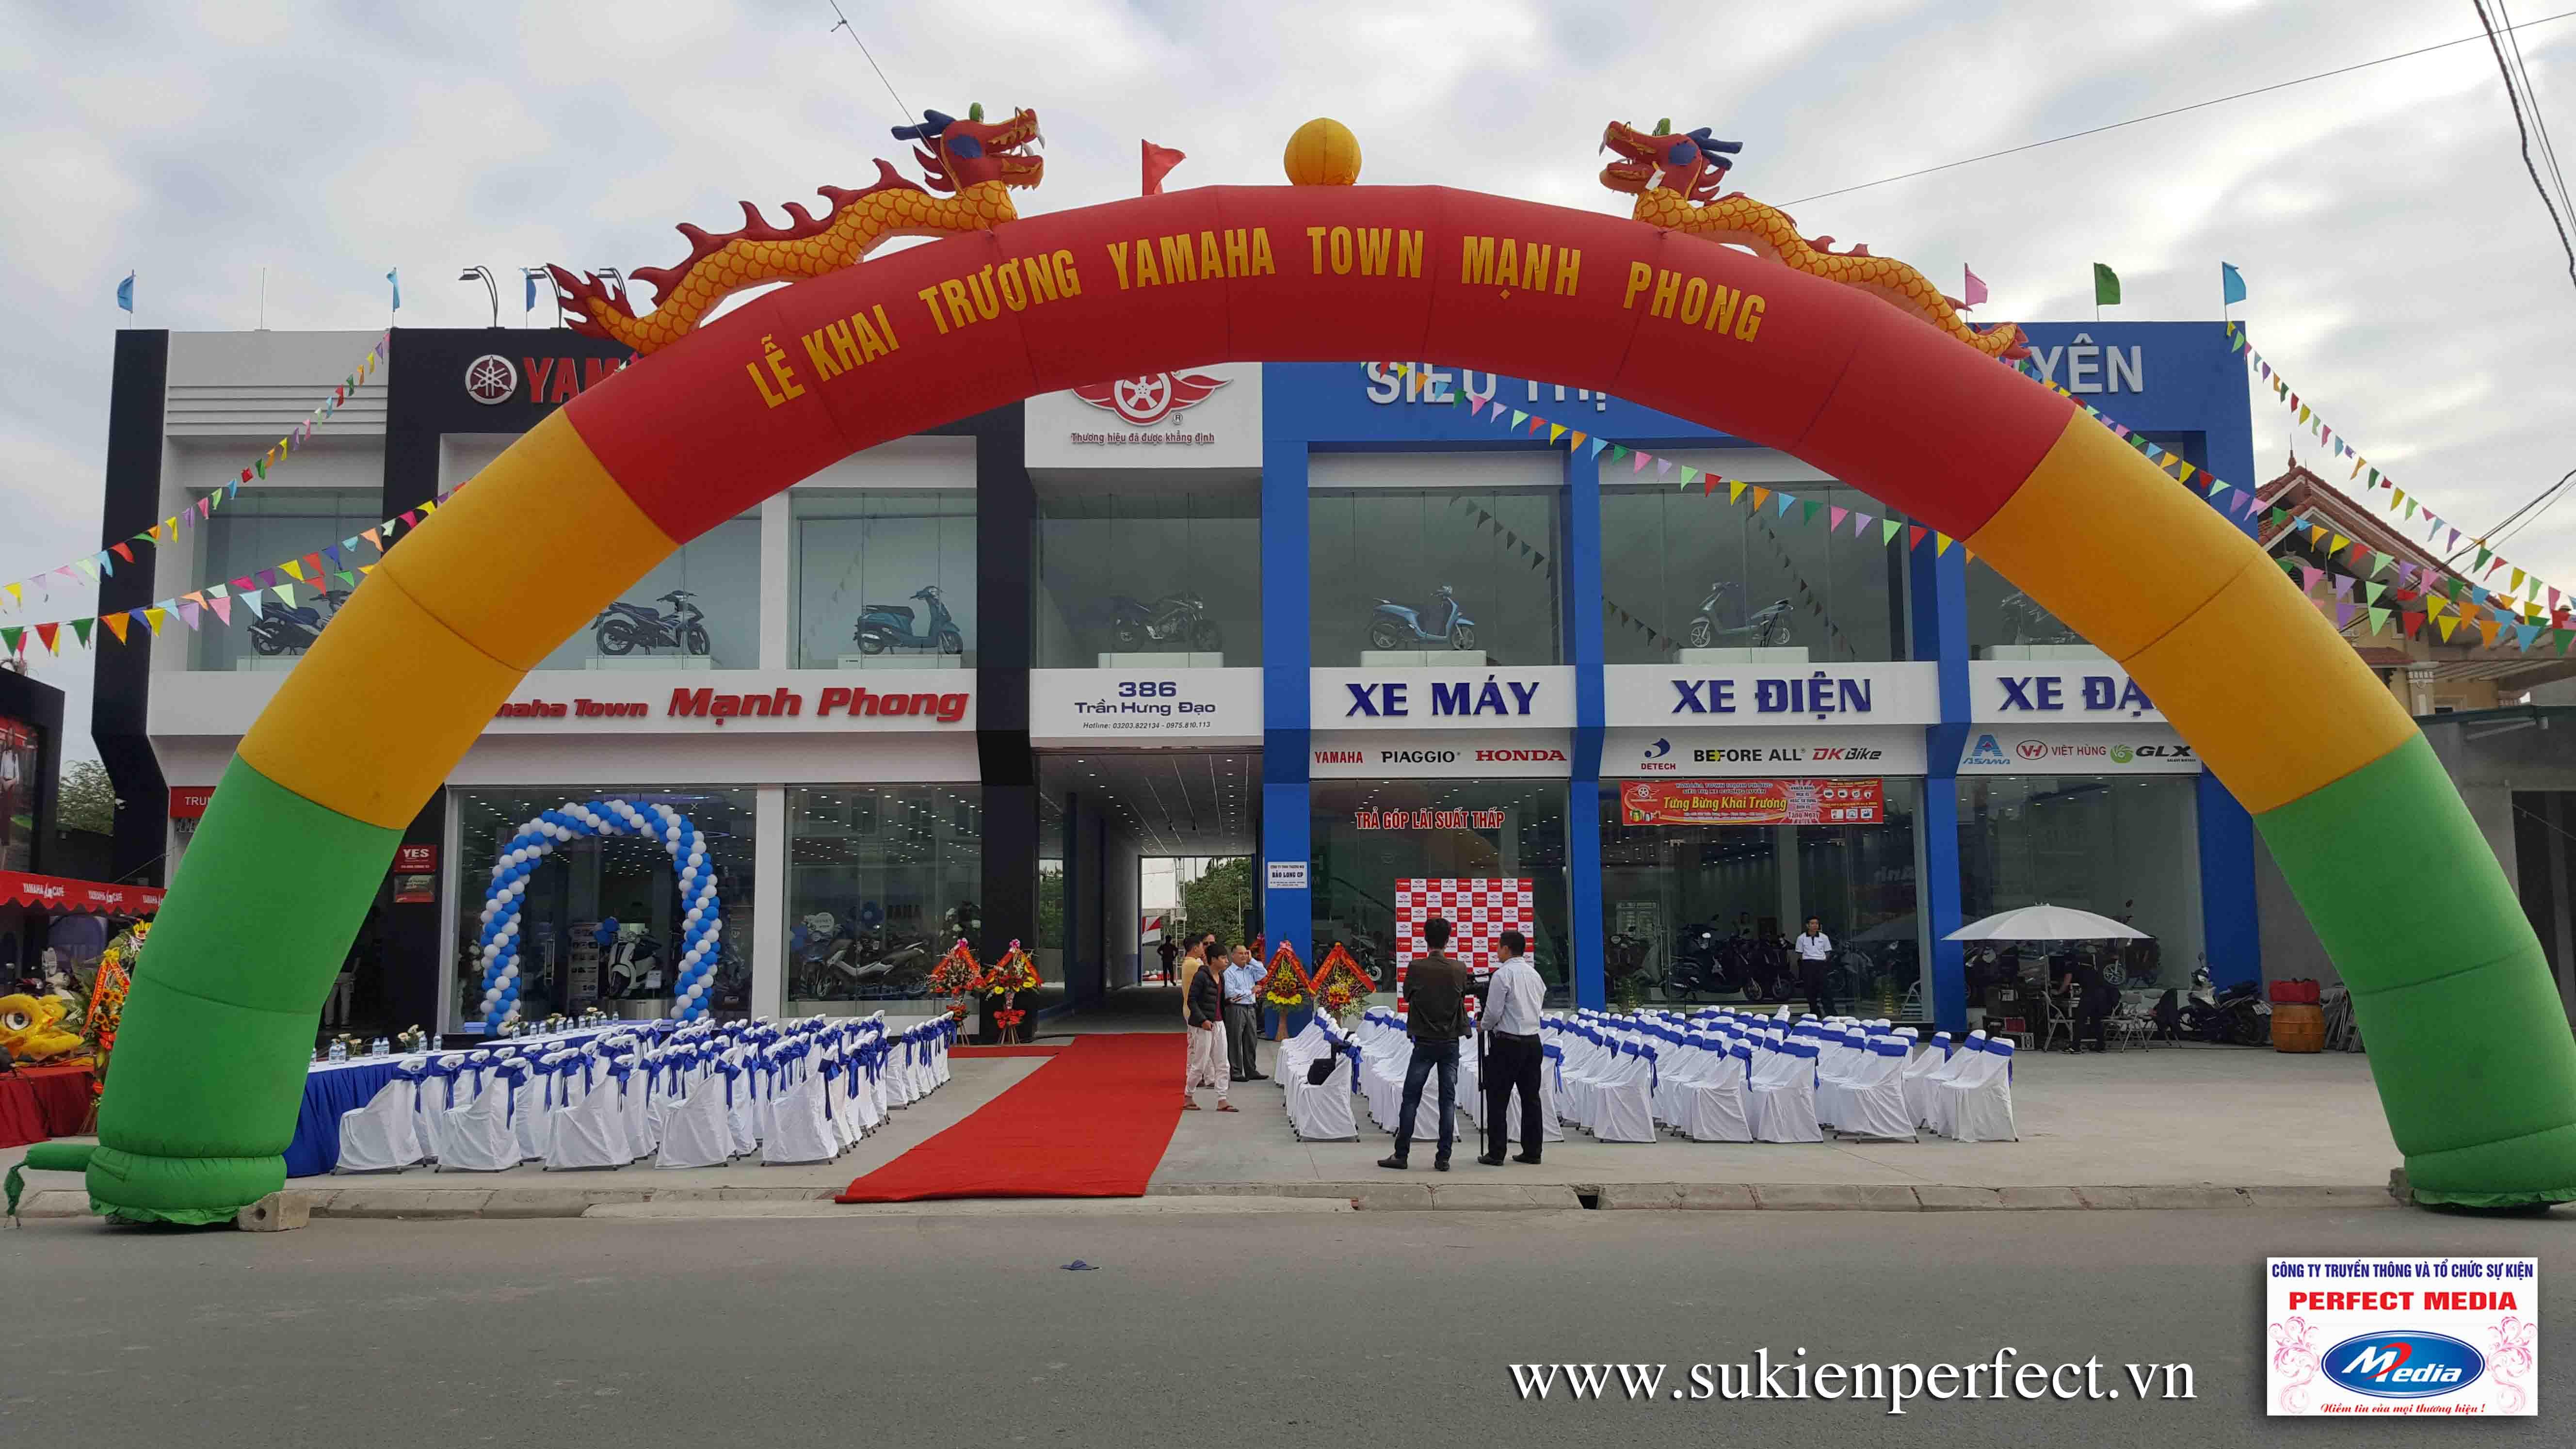 Tổ chức sự kiện Khai trương Yamaha Town Mạnh Phong 04